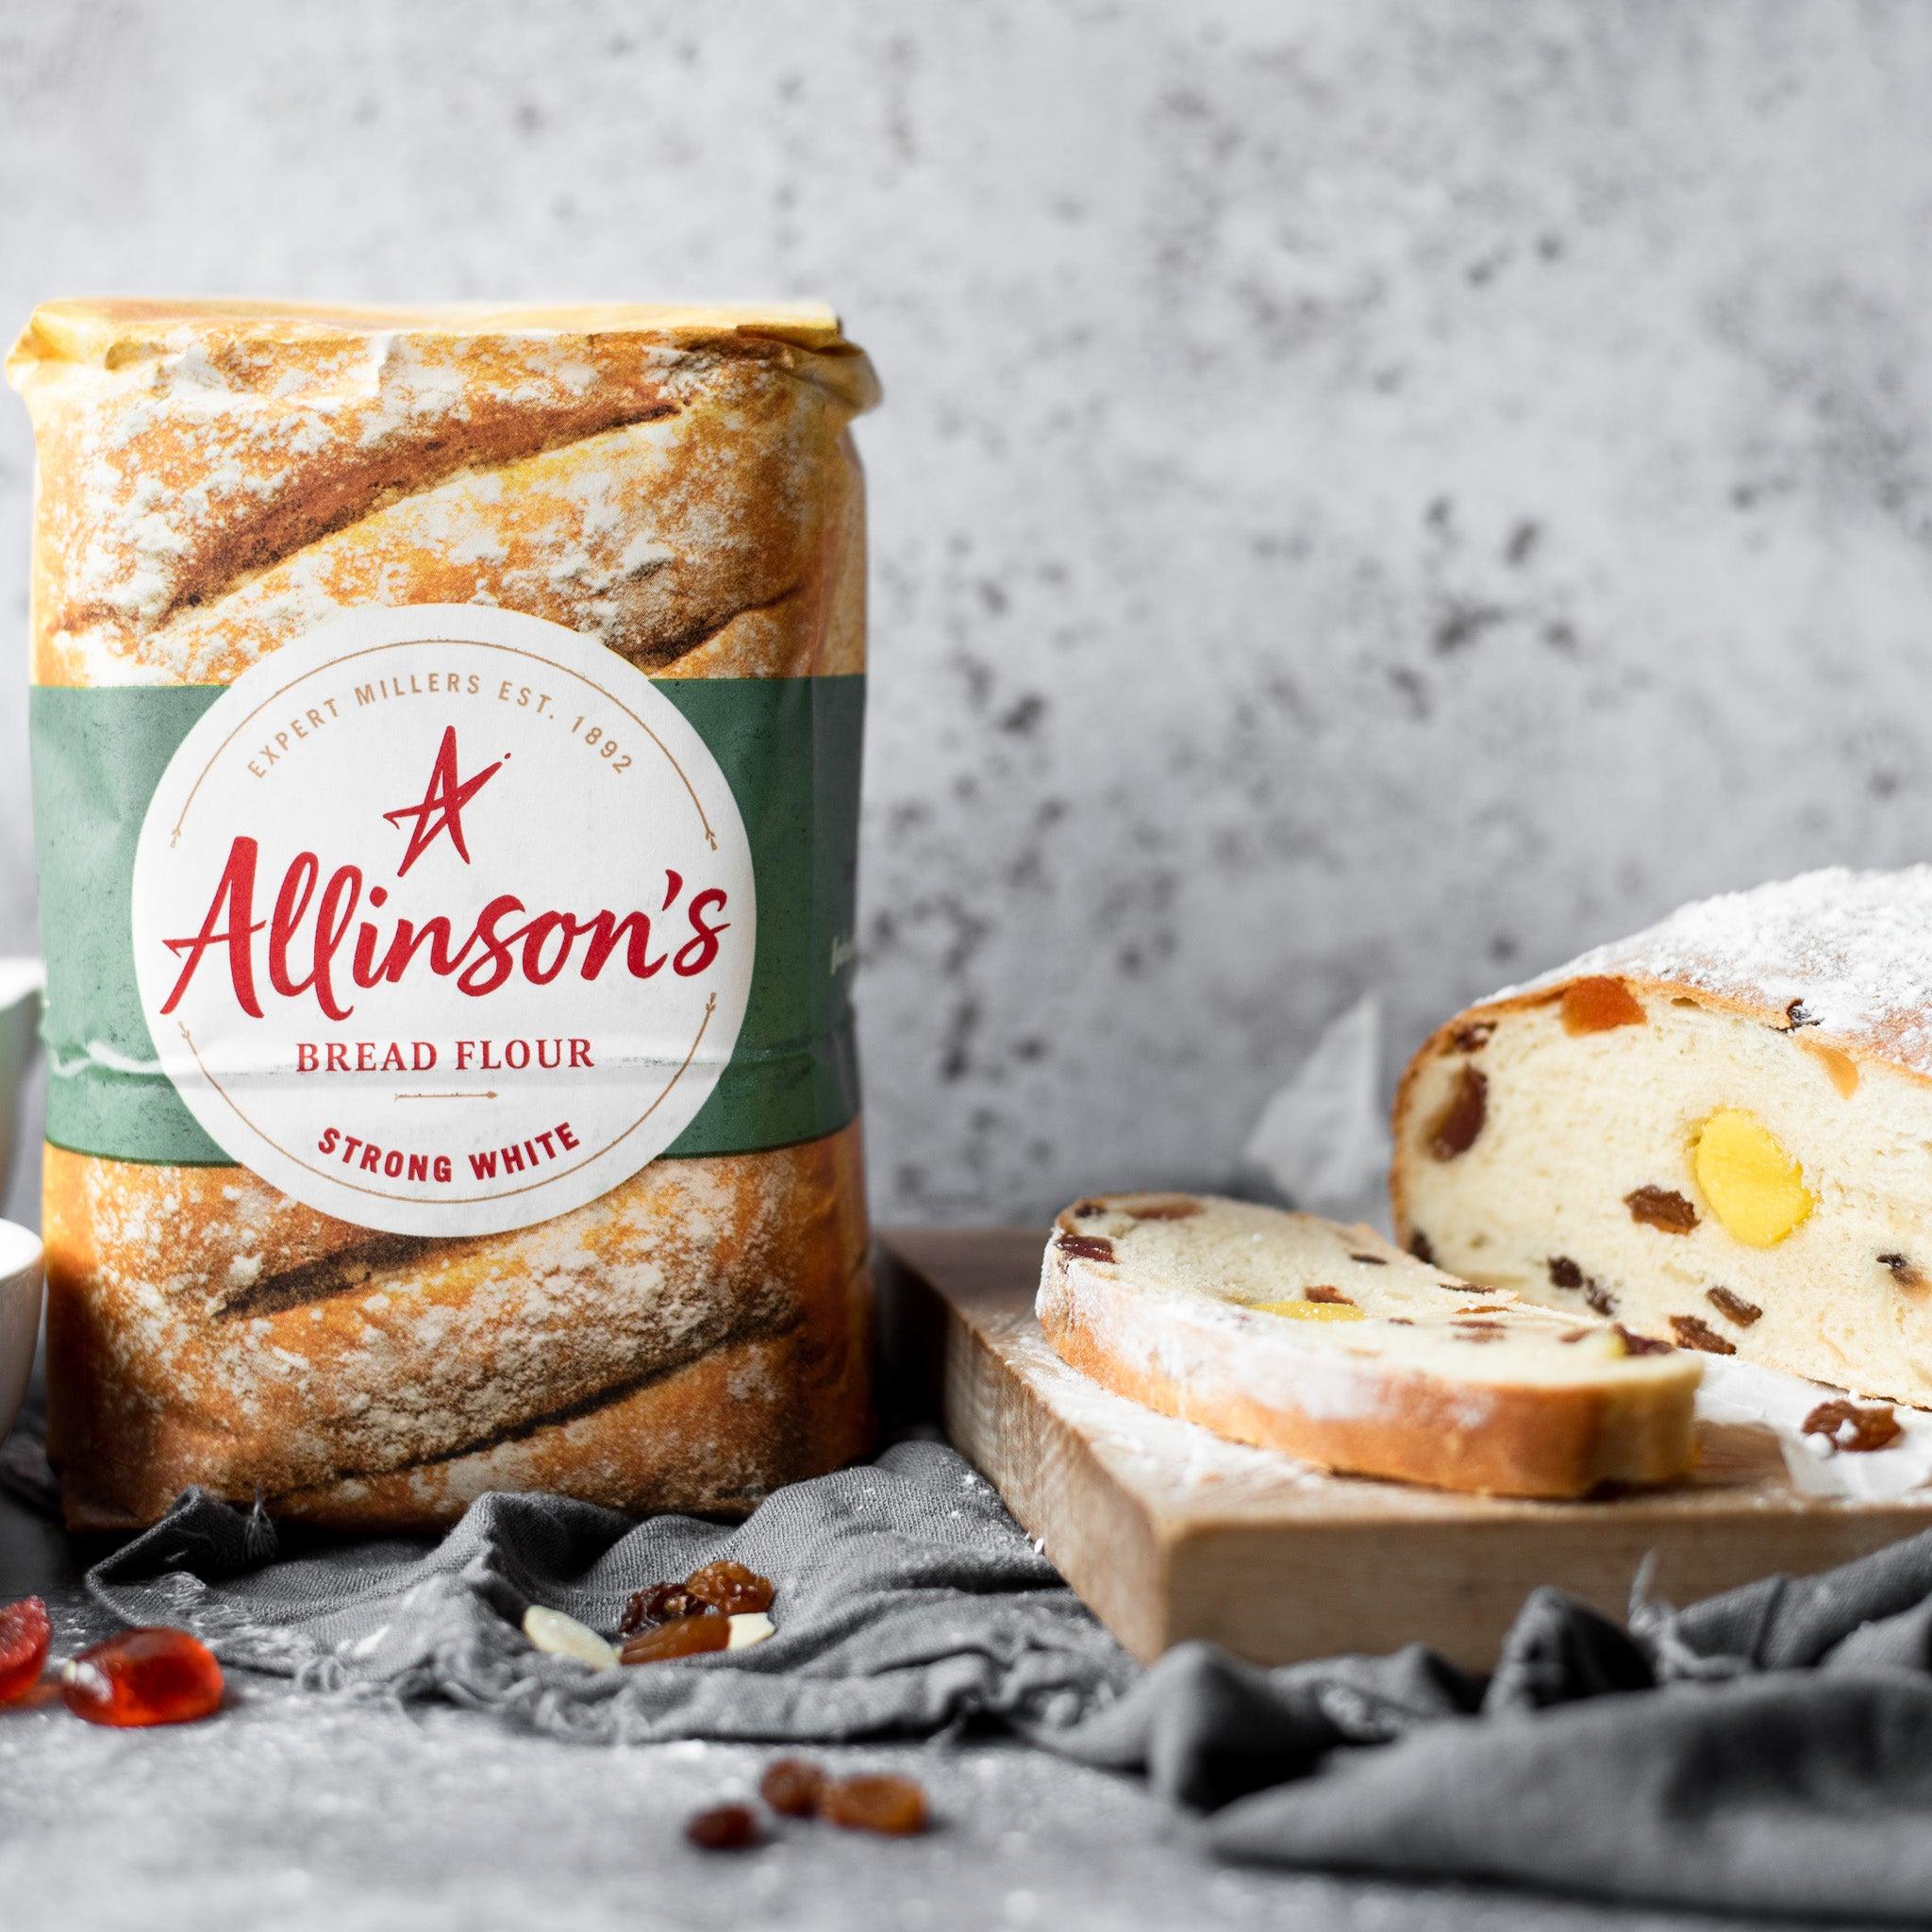 Allinsons-Stollen-1-1-Baking-Mad-1.jpg